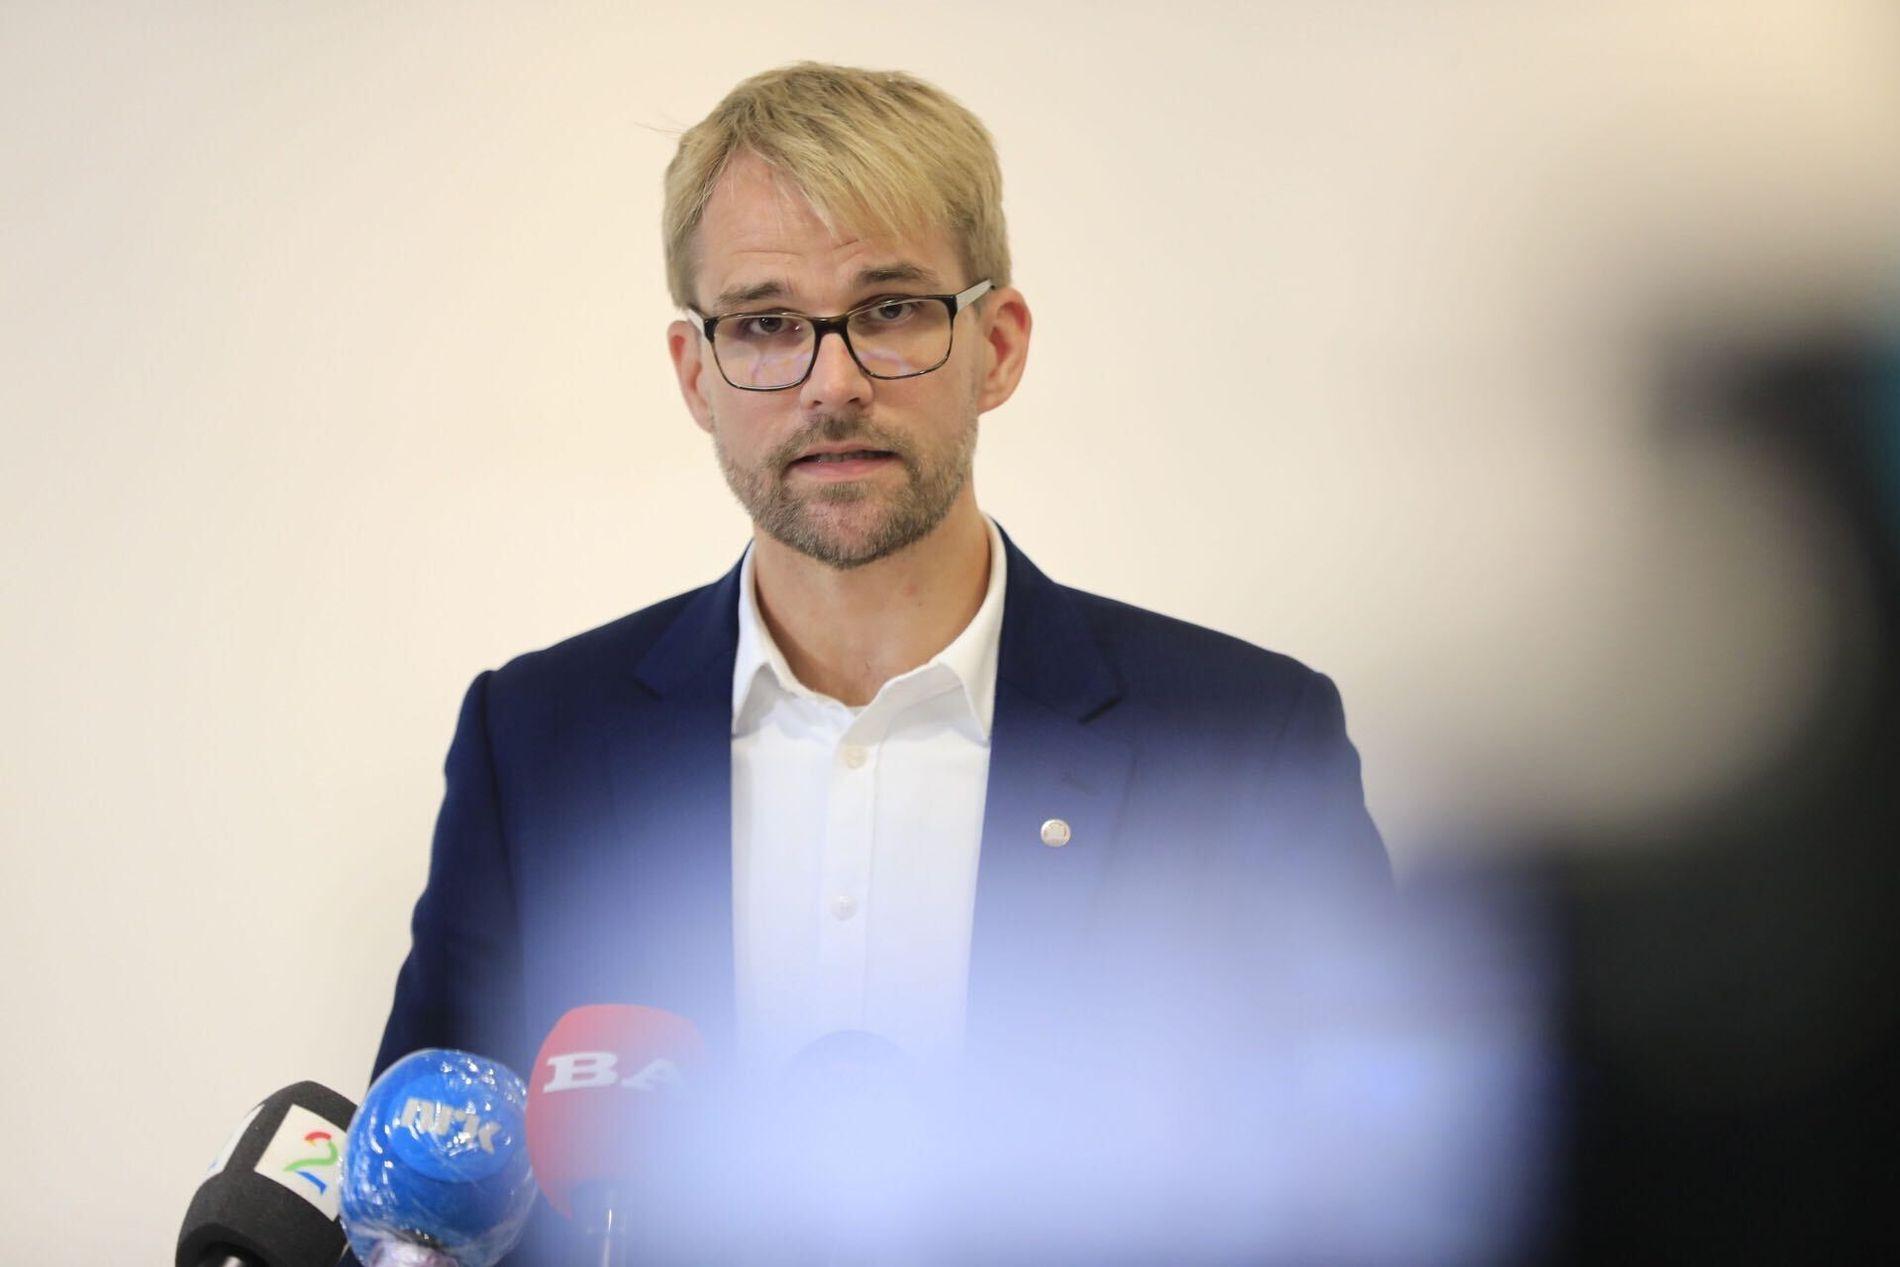 Valhammer: Åpner for offentlige arrangement med 200 personer